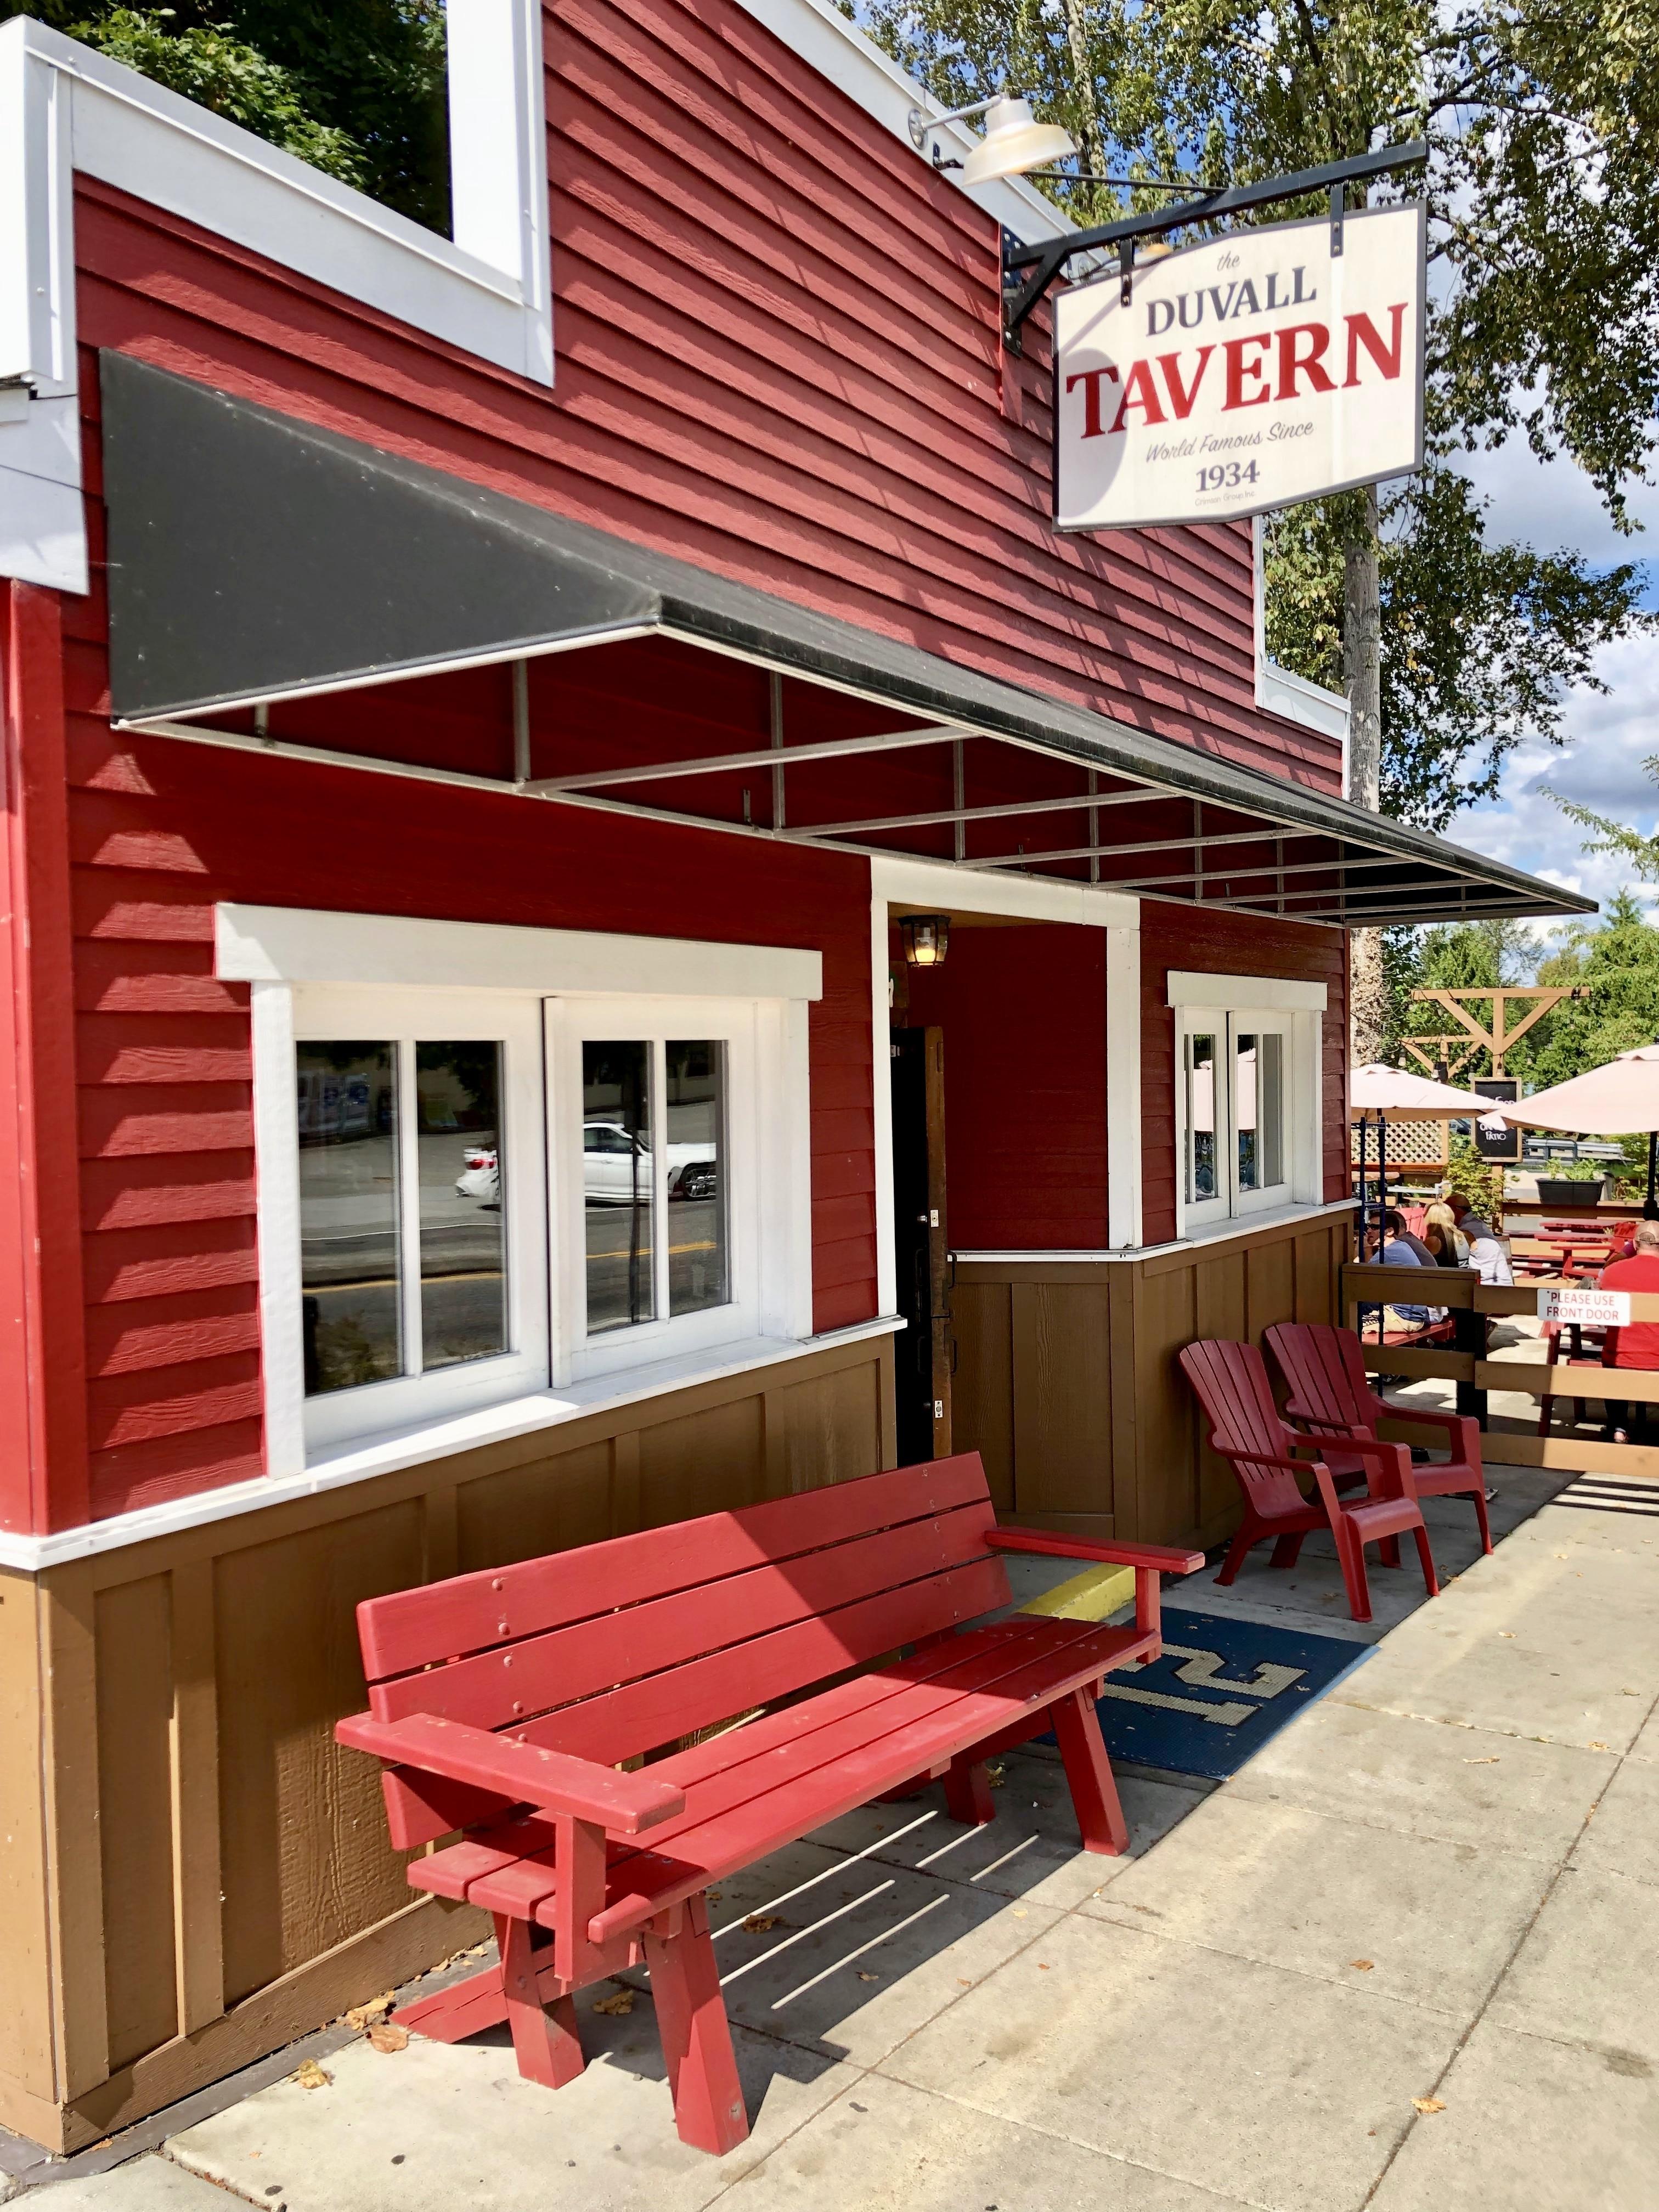 Duvall Tavern Duvall WA